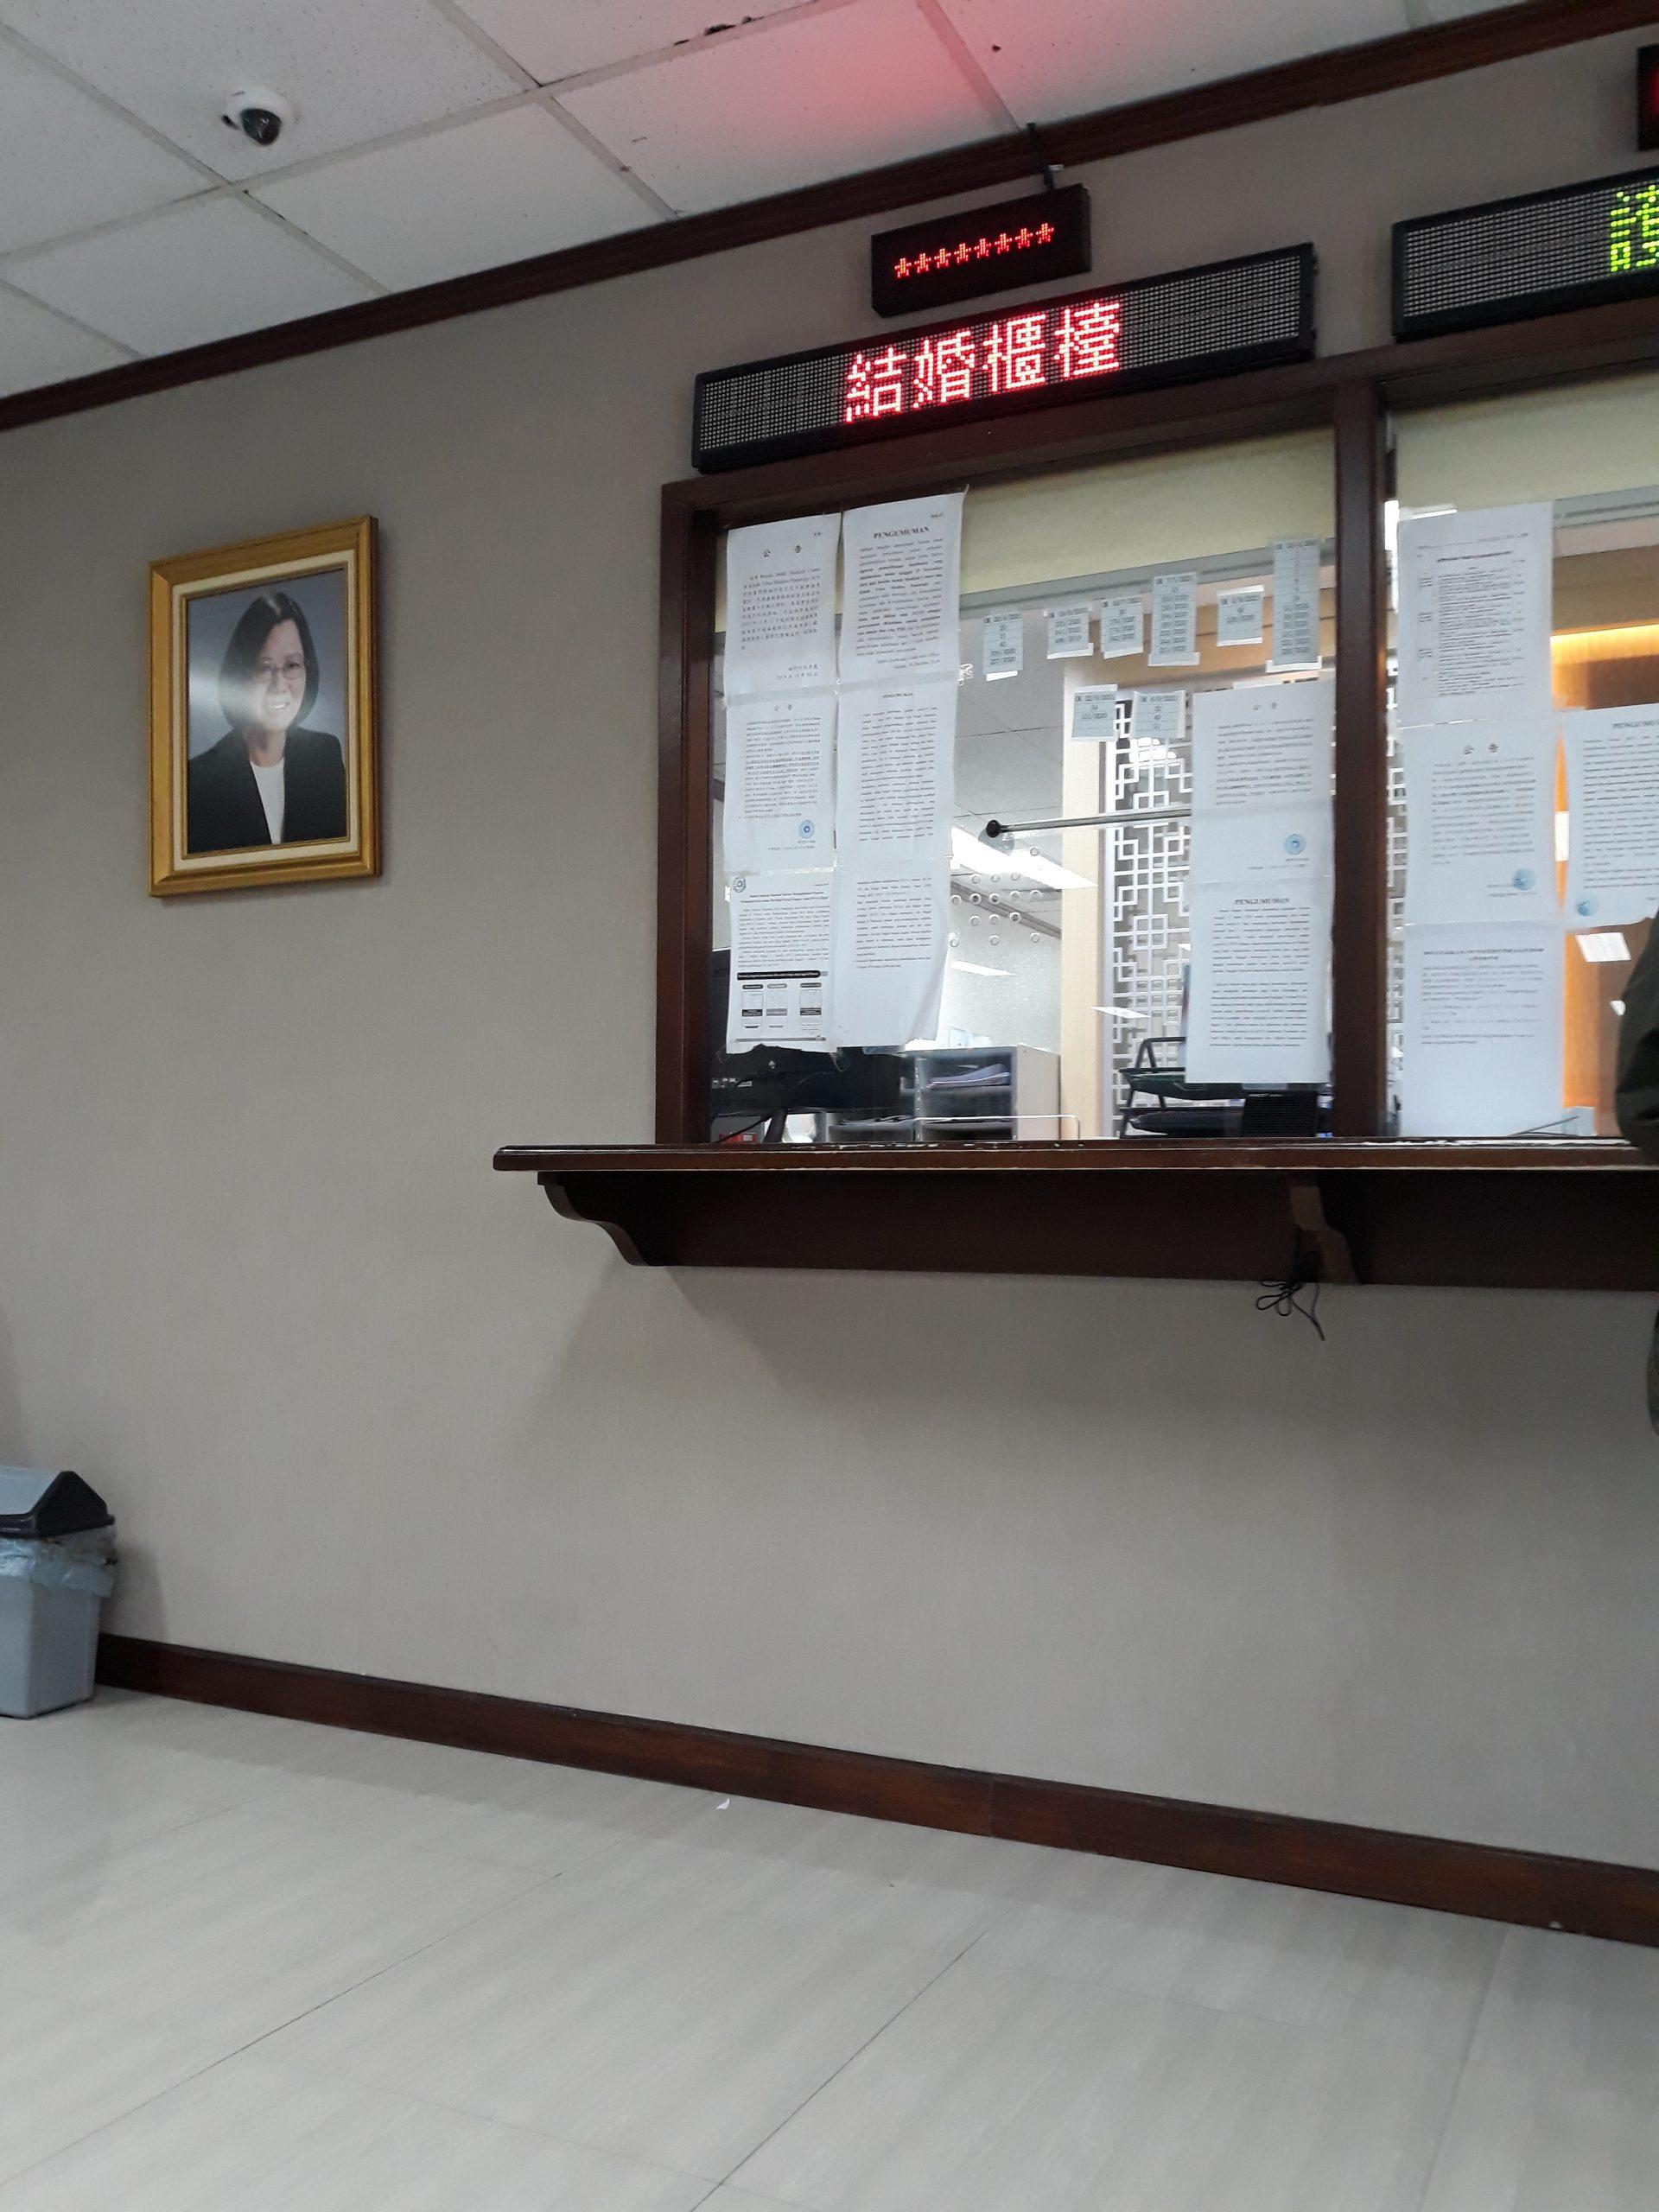 Harus Anti Gen Sebelum Legalisir di Kedutaan Taiwan selama PPKM